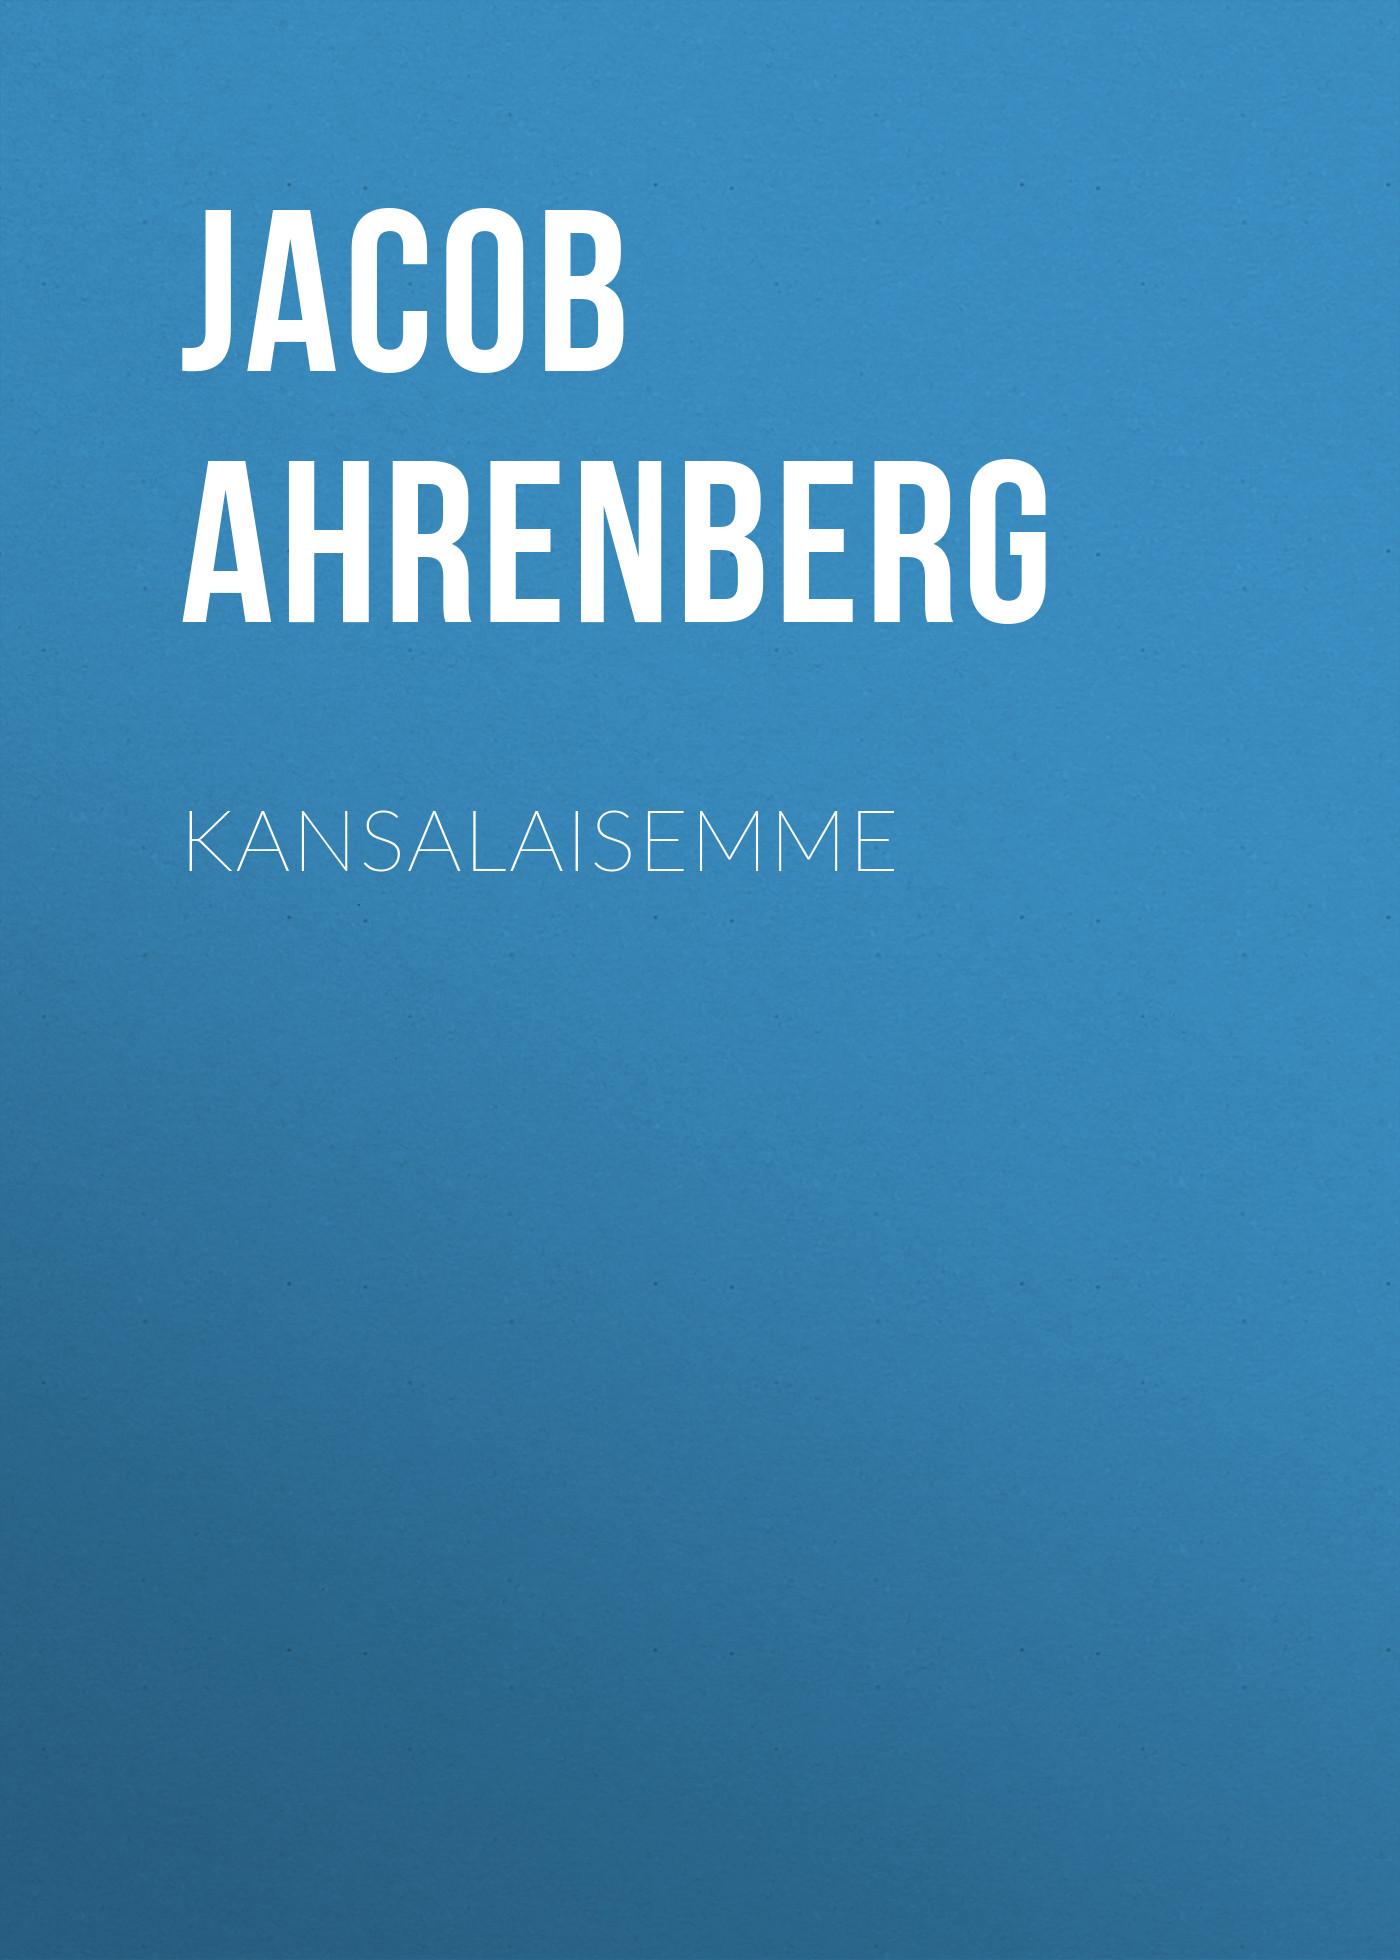 Jacob Ahrenberg Kansalaisemme jacob ahrenberg hihhuleita kuvauksia itä suomesta